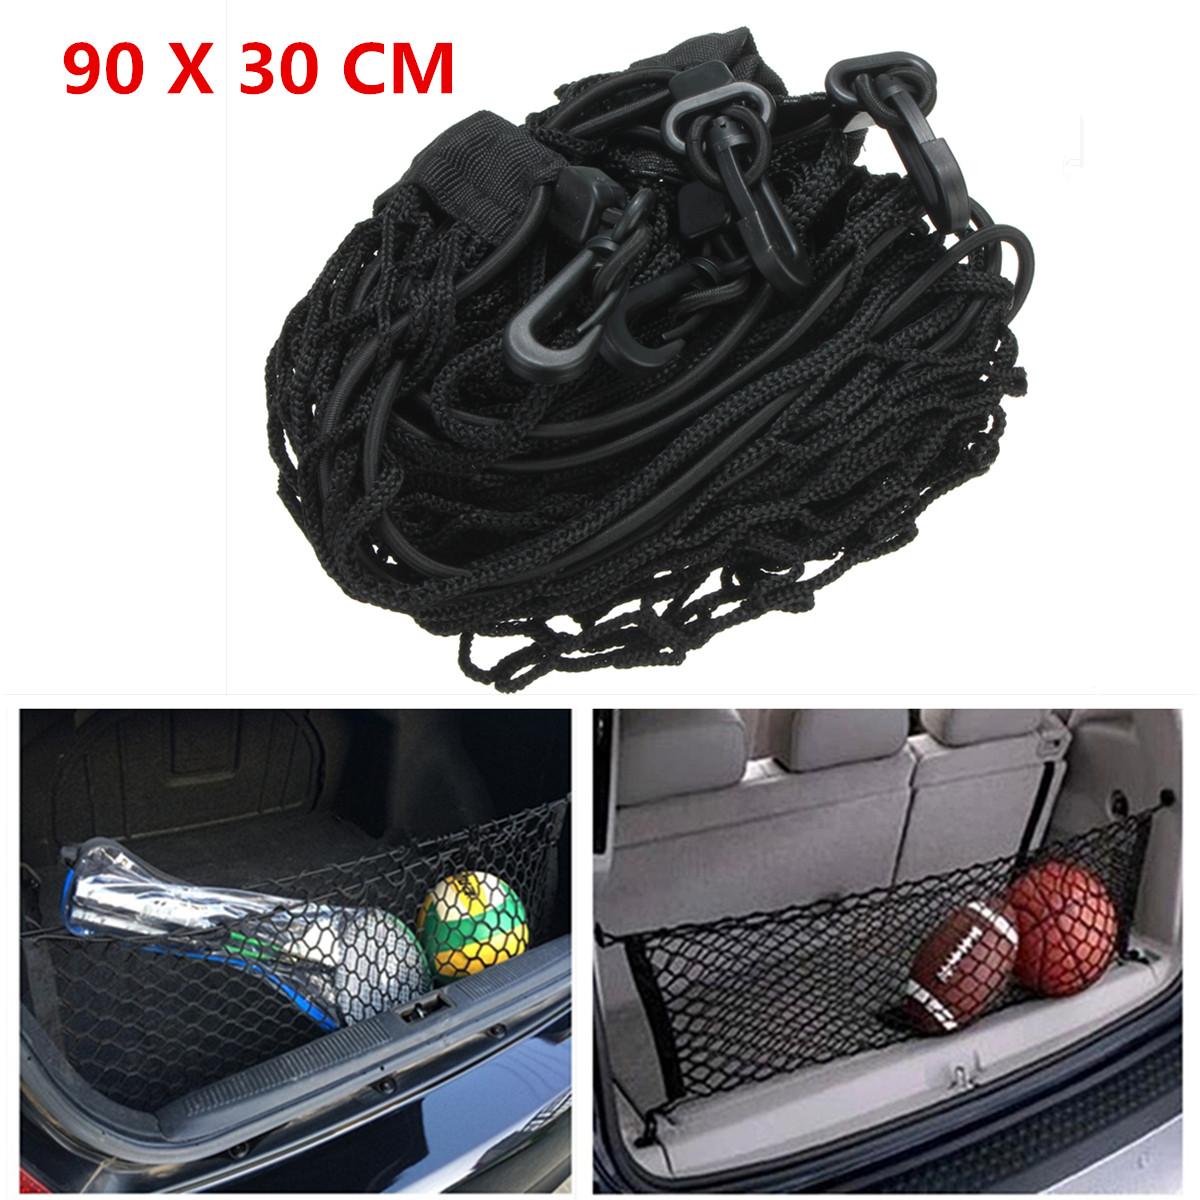 90x30cm Black Nylon Auto Kofferraum hinter Ladungs Organisator Speicher elastisches Mesh Net